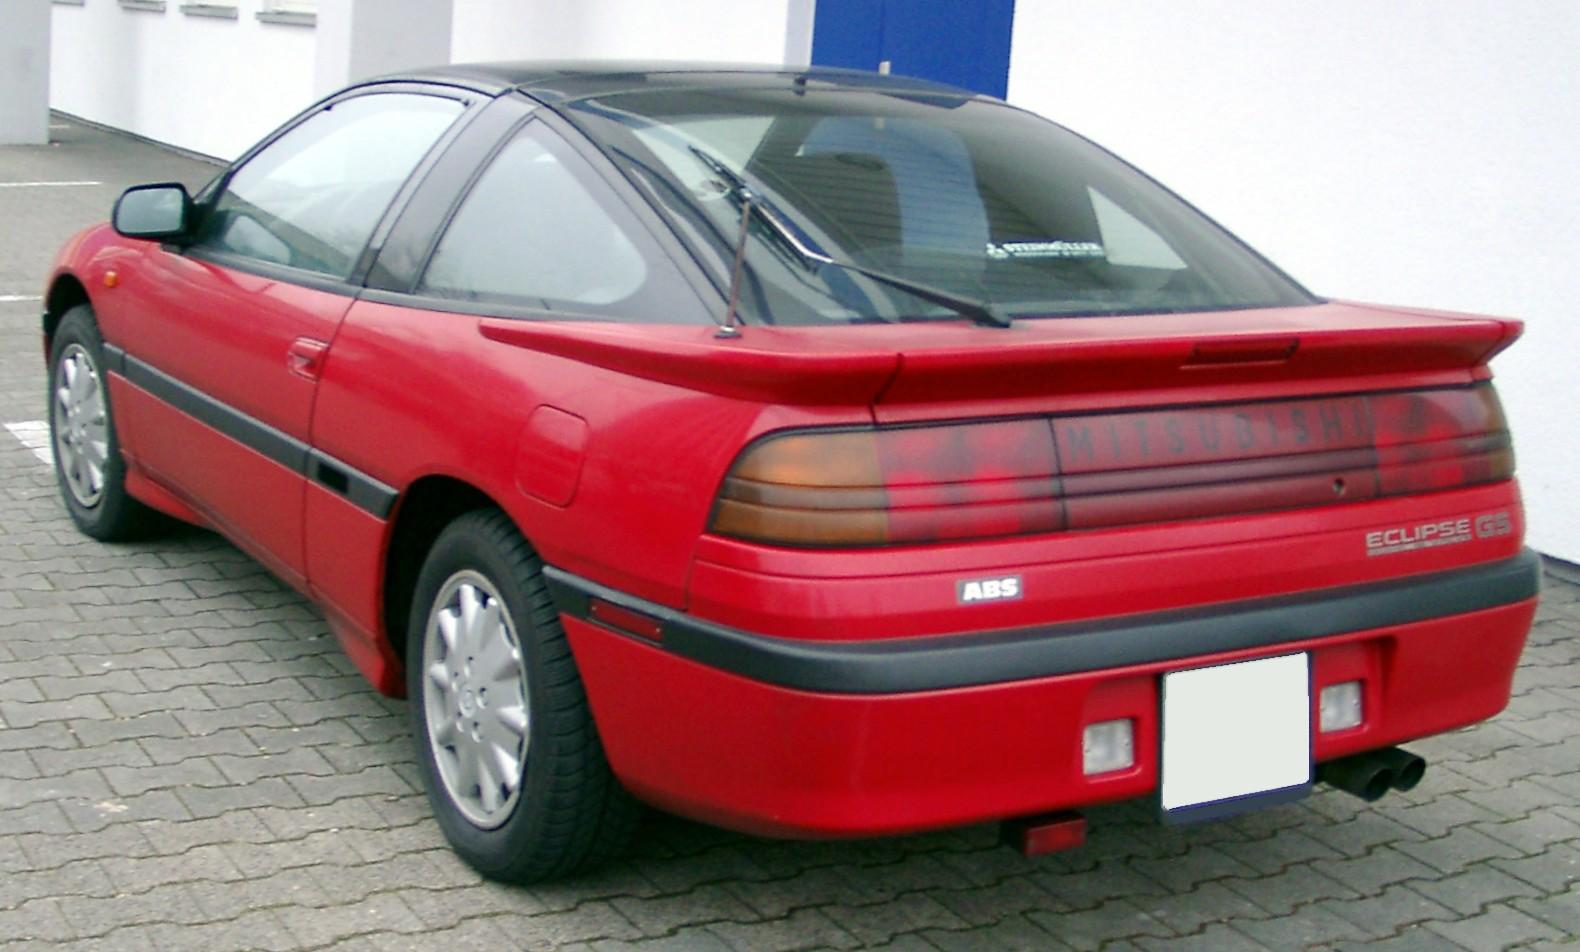 Mitsubishi Eclipse I 1989 - 1995 Coupe #3